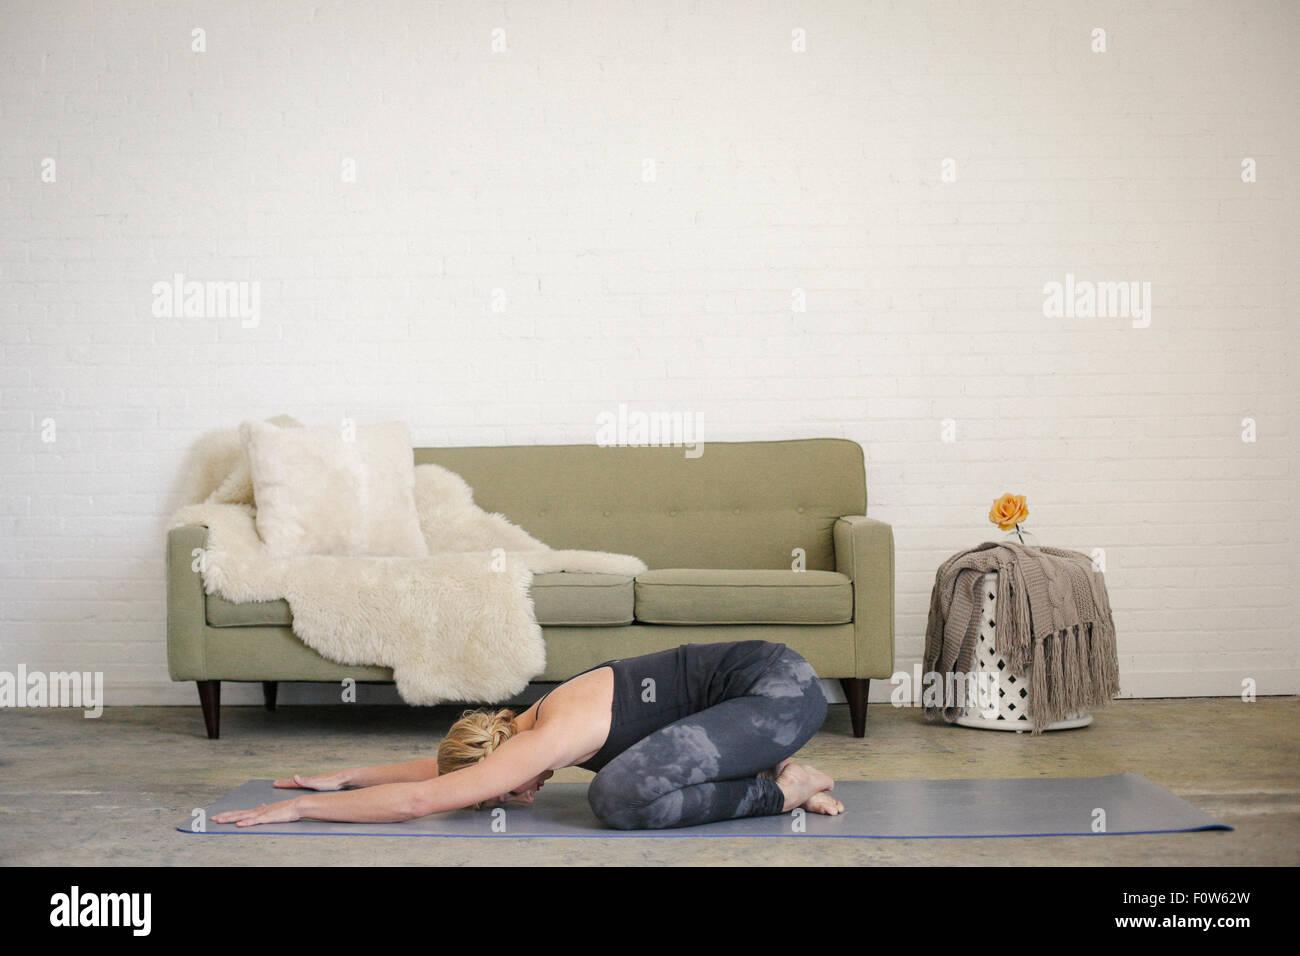 Una mujer rubia, arrodillado sobre una estera del yoga en una habitación, hacer yoga, su brazo estirado en Imagen De Stock